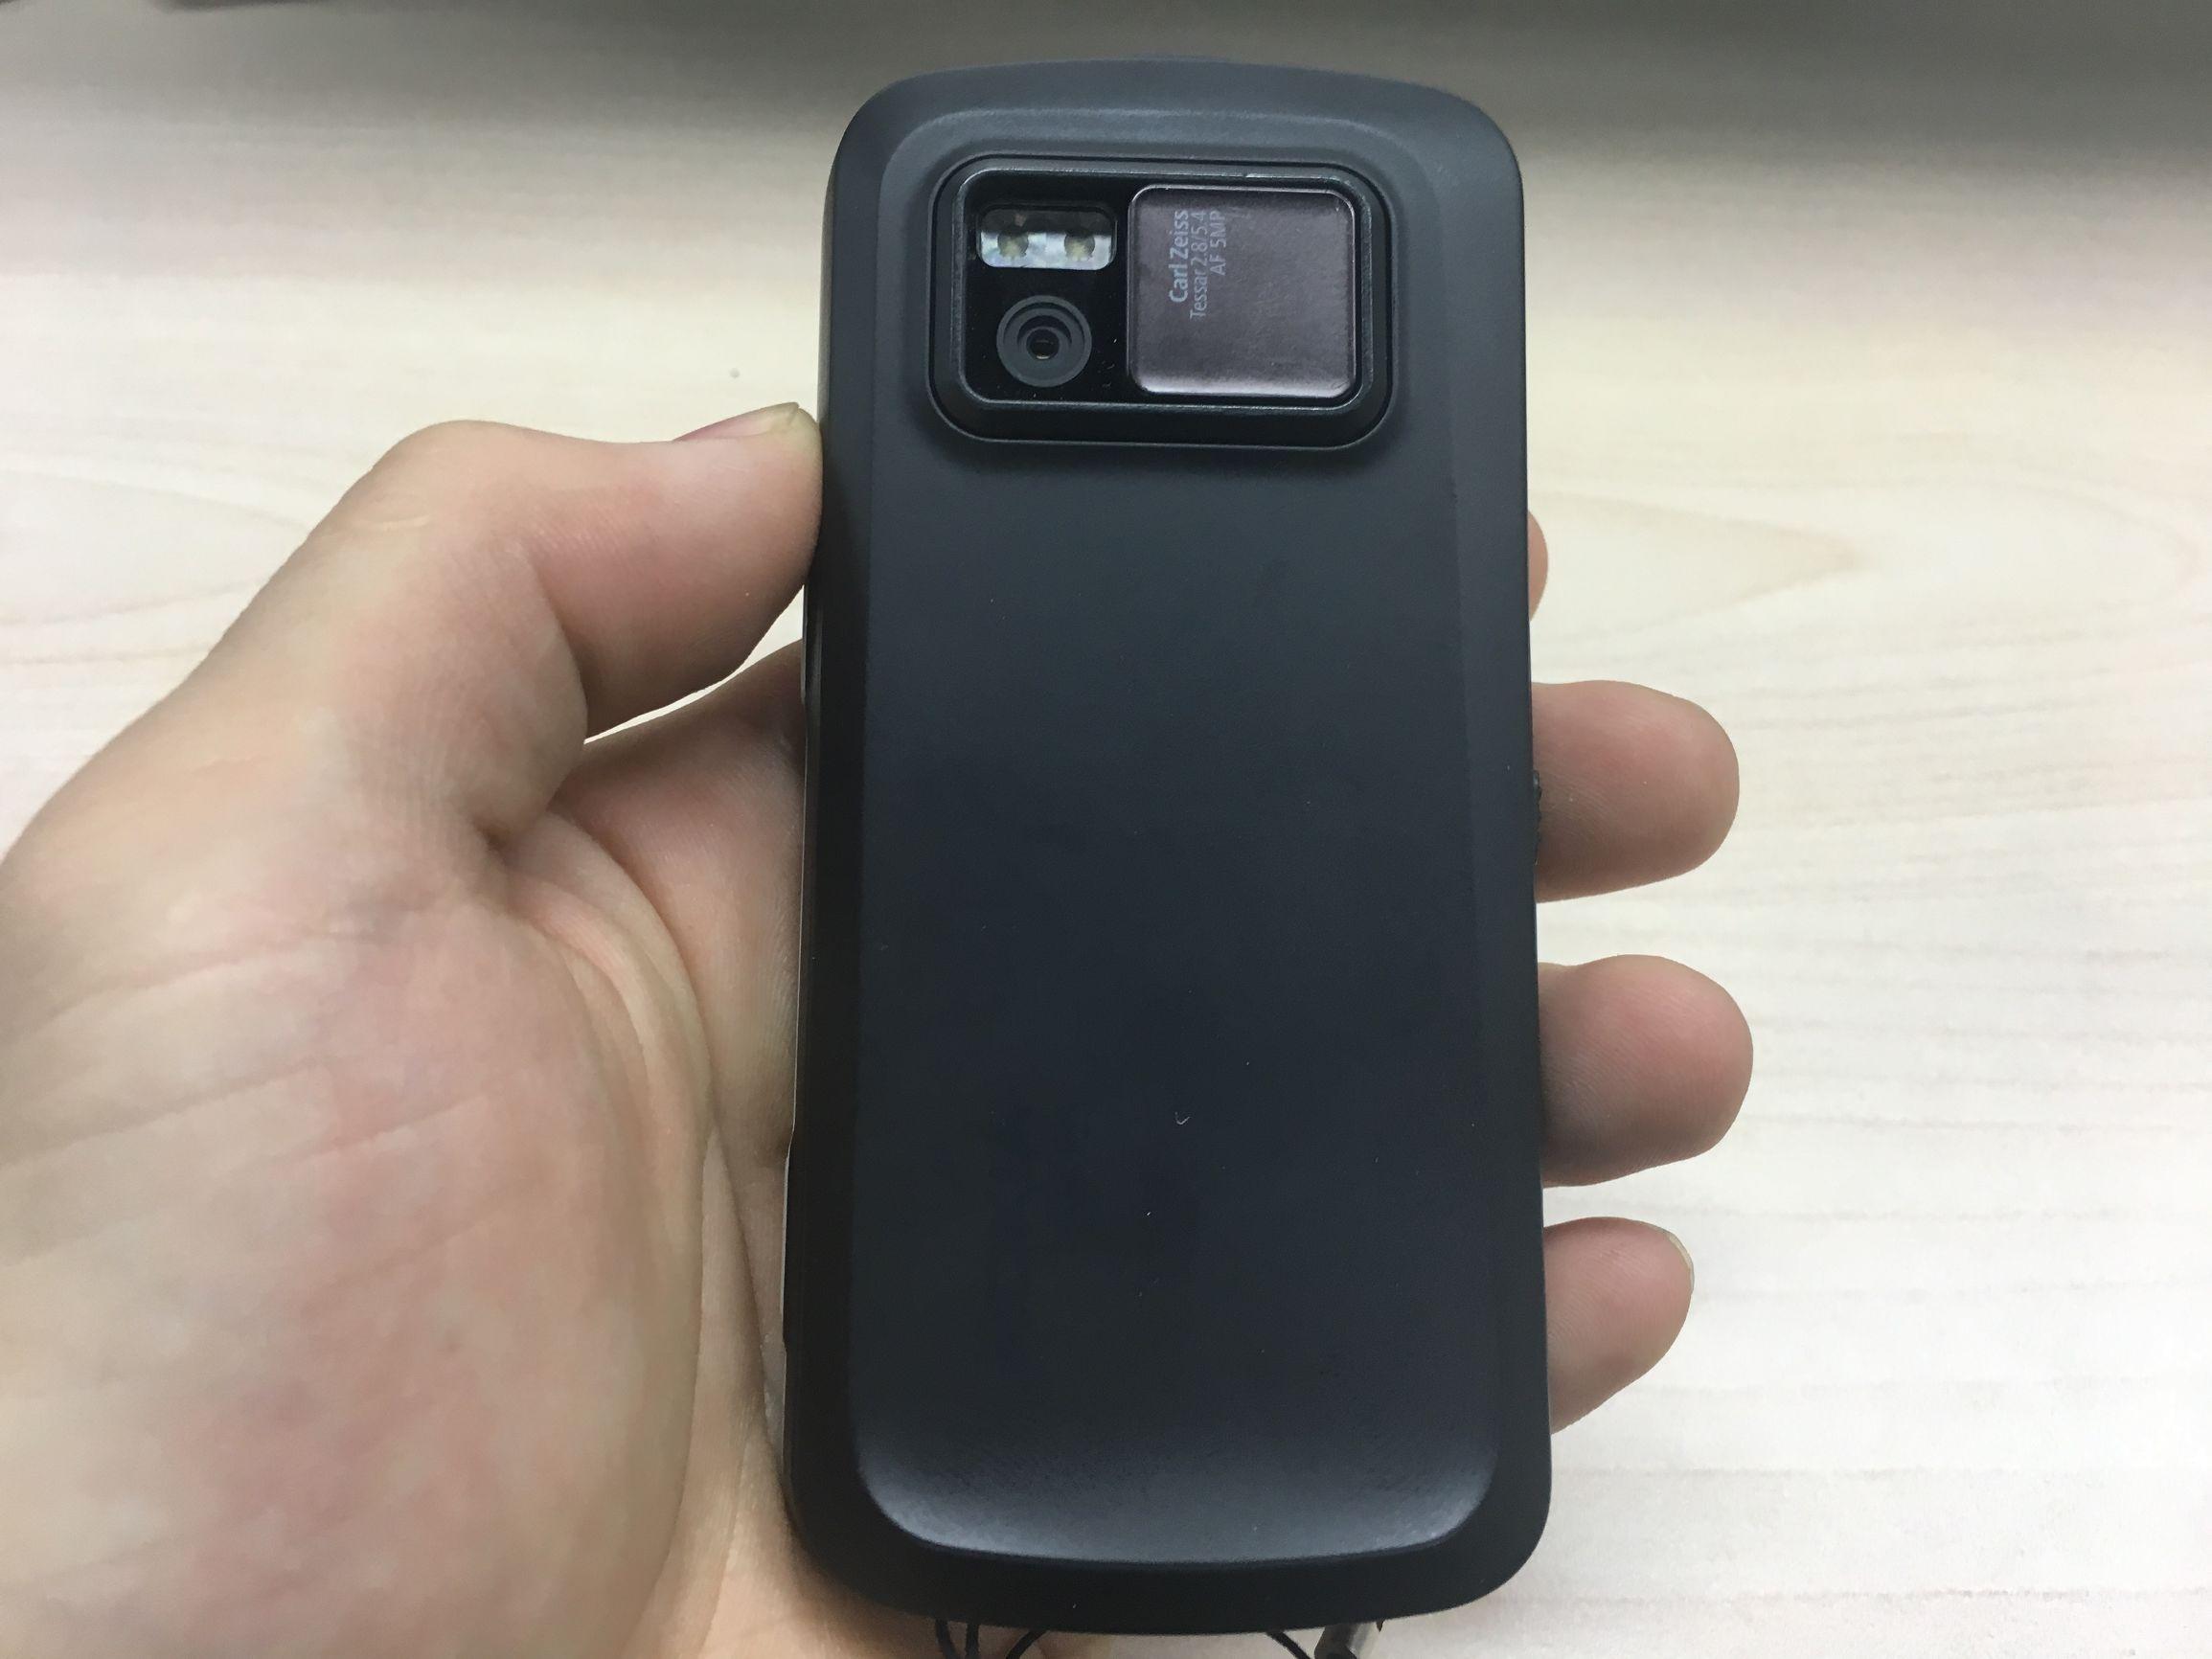 复古数码科技:80元钱买回来的NokiaN97